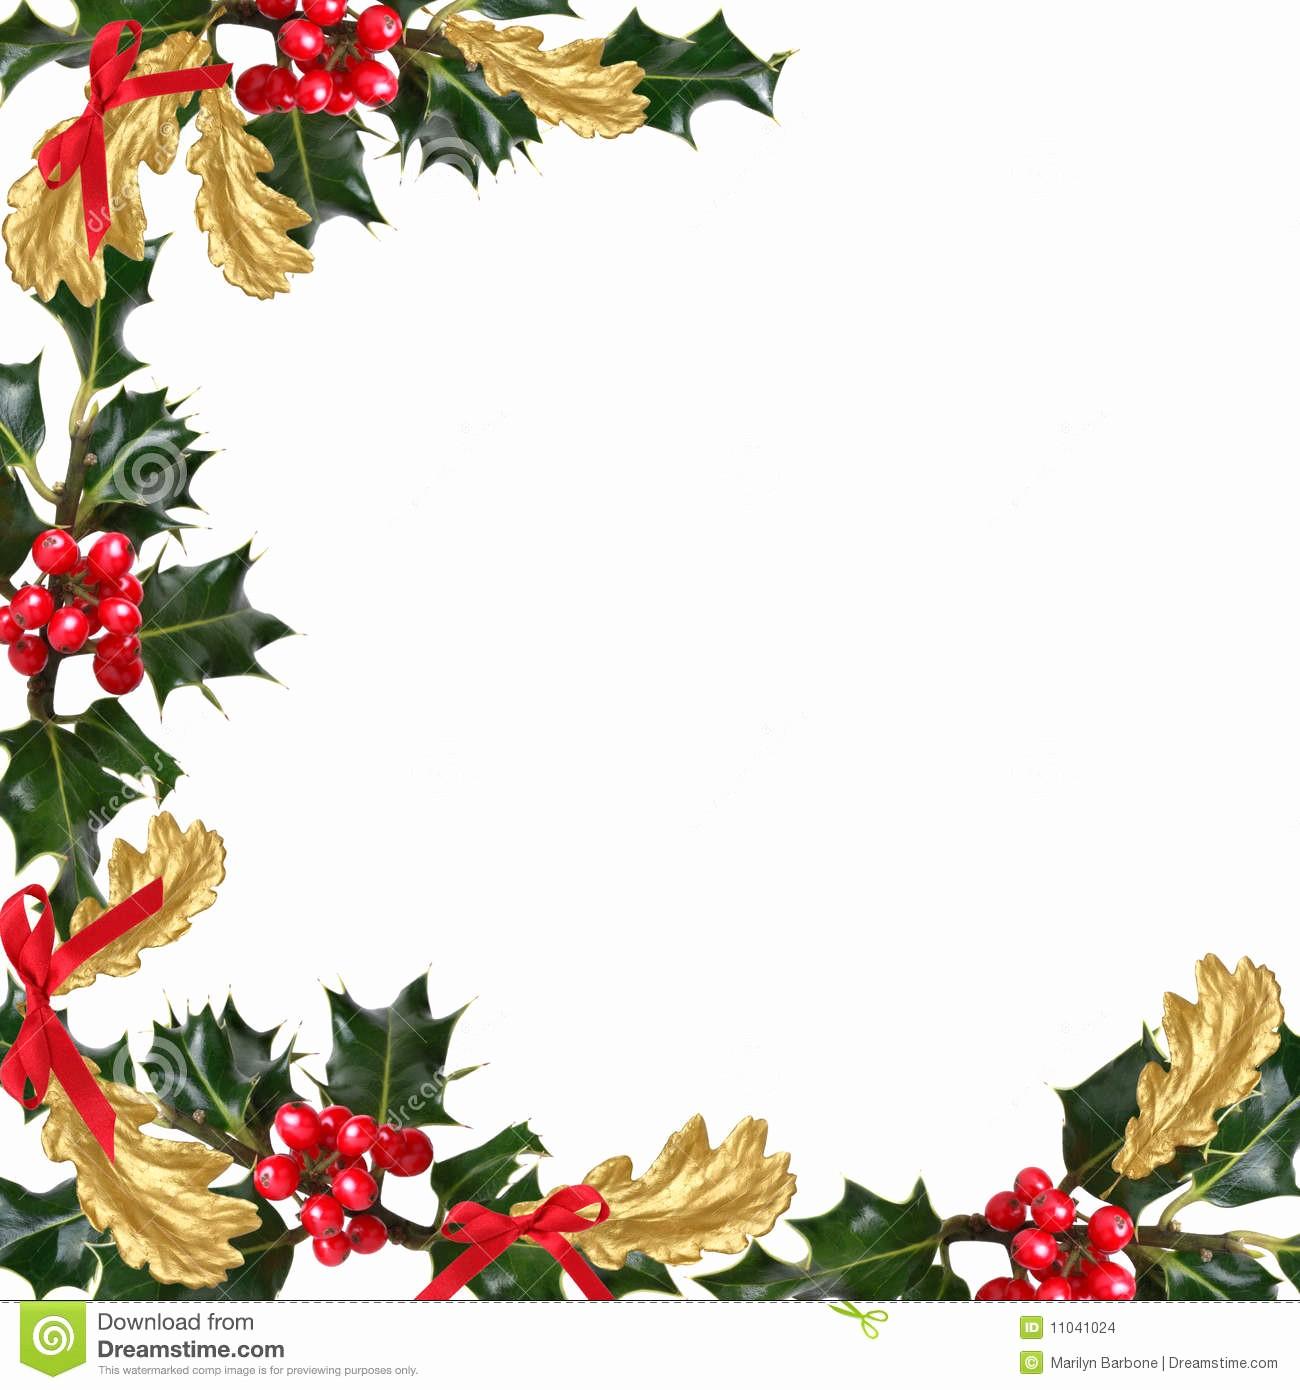 Festive Borders for Word Document Fresh Christmas Festive Border Stock Image